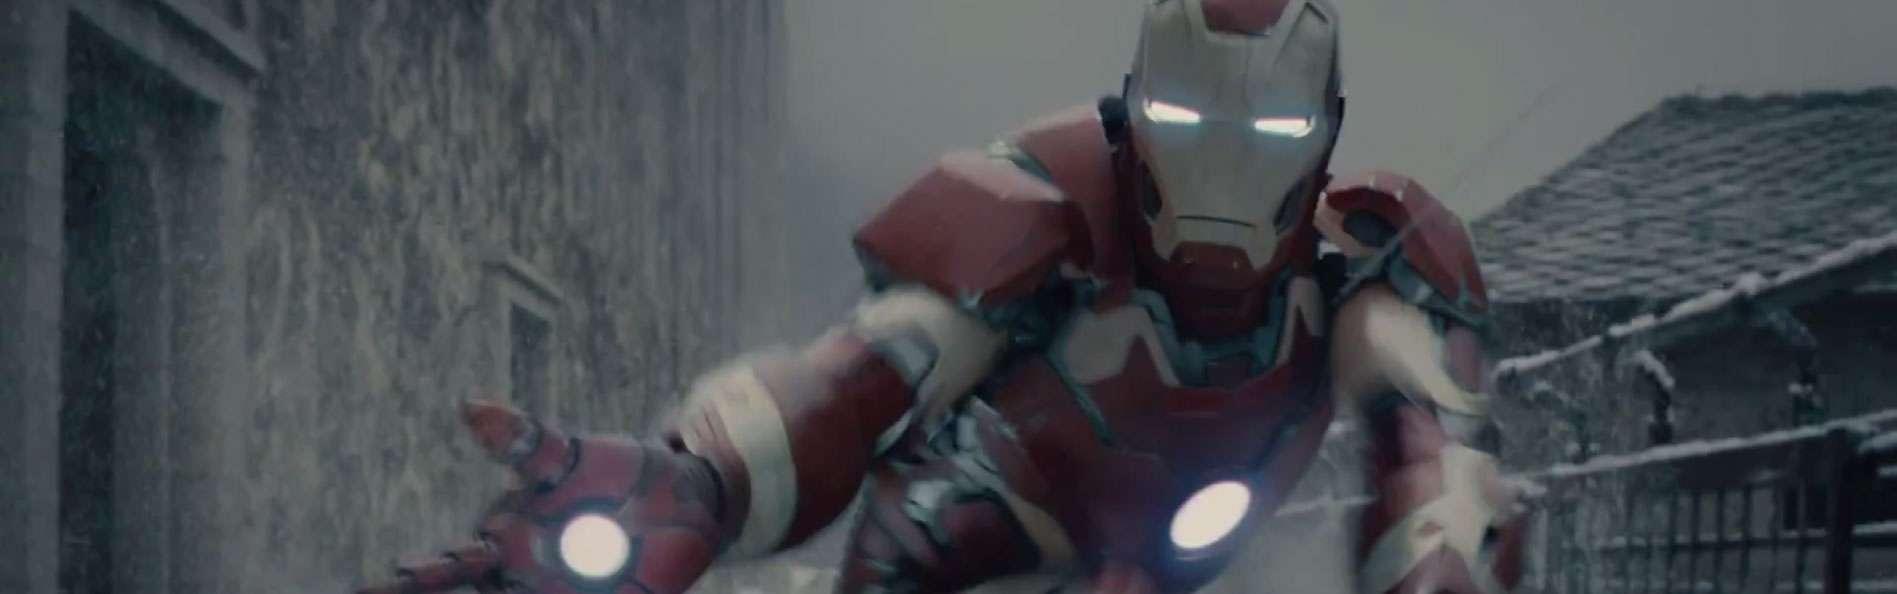 Avengers Foto: Marvel Studios